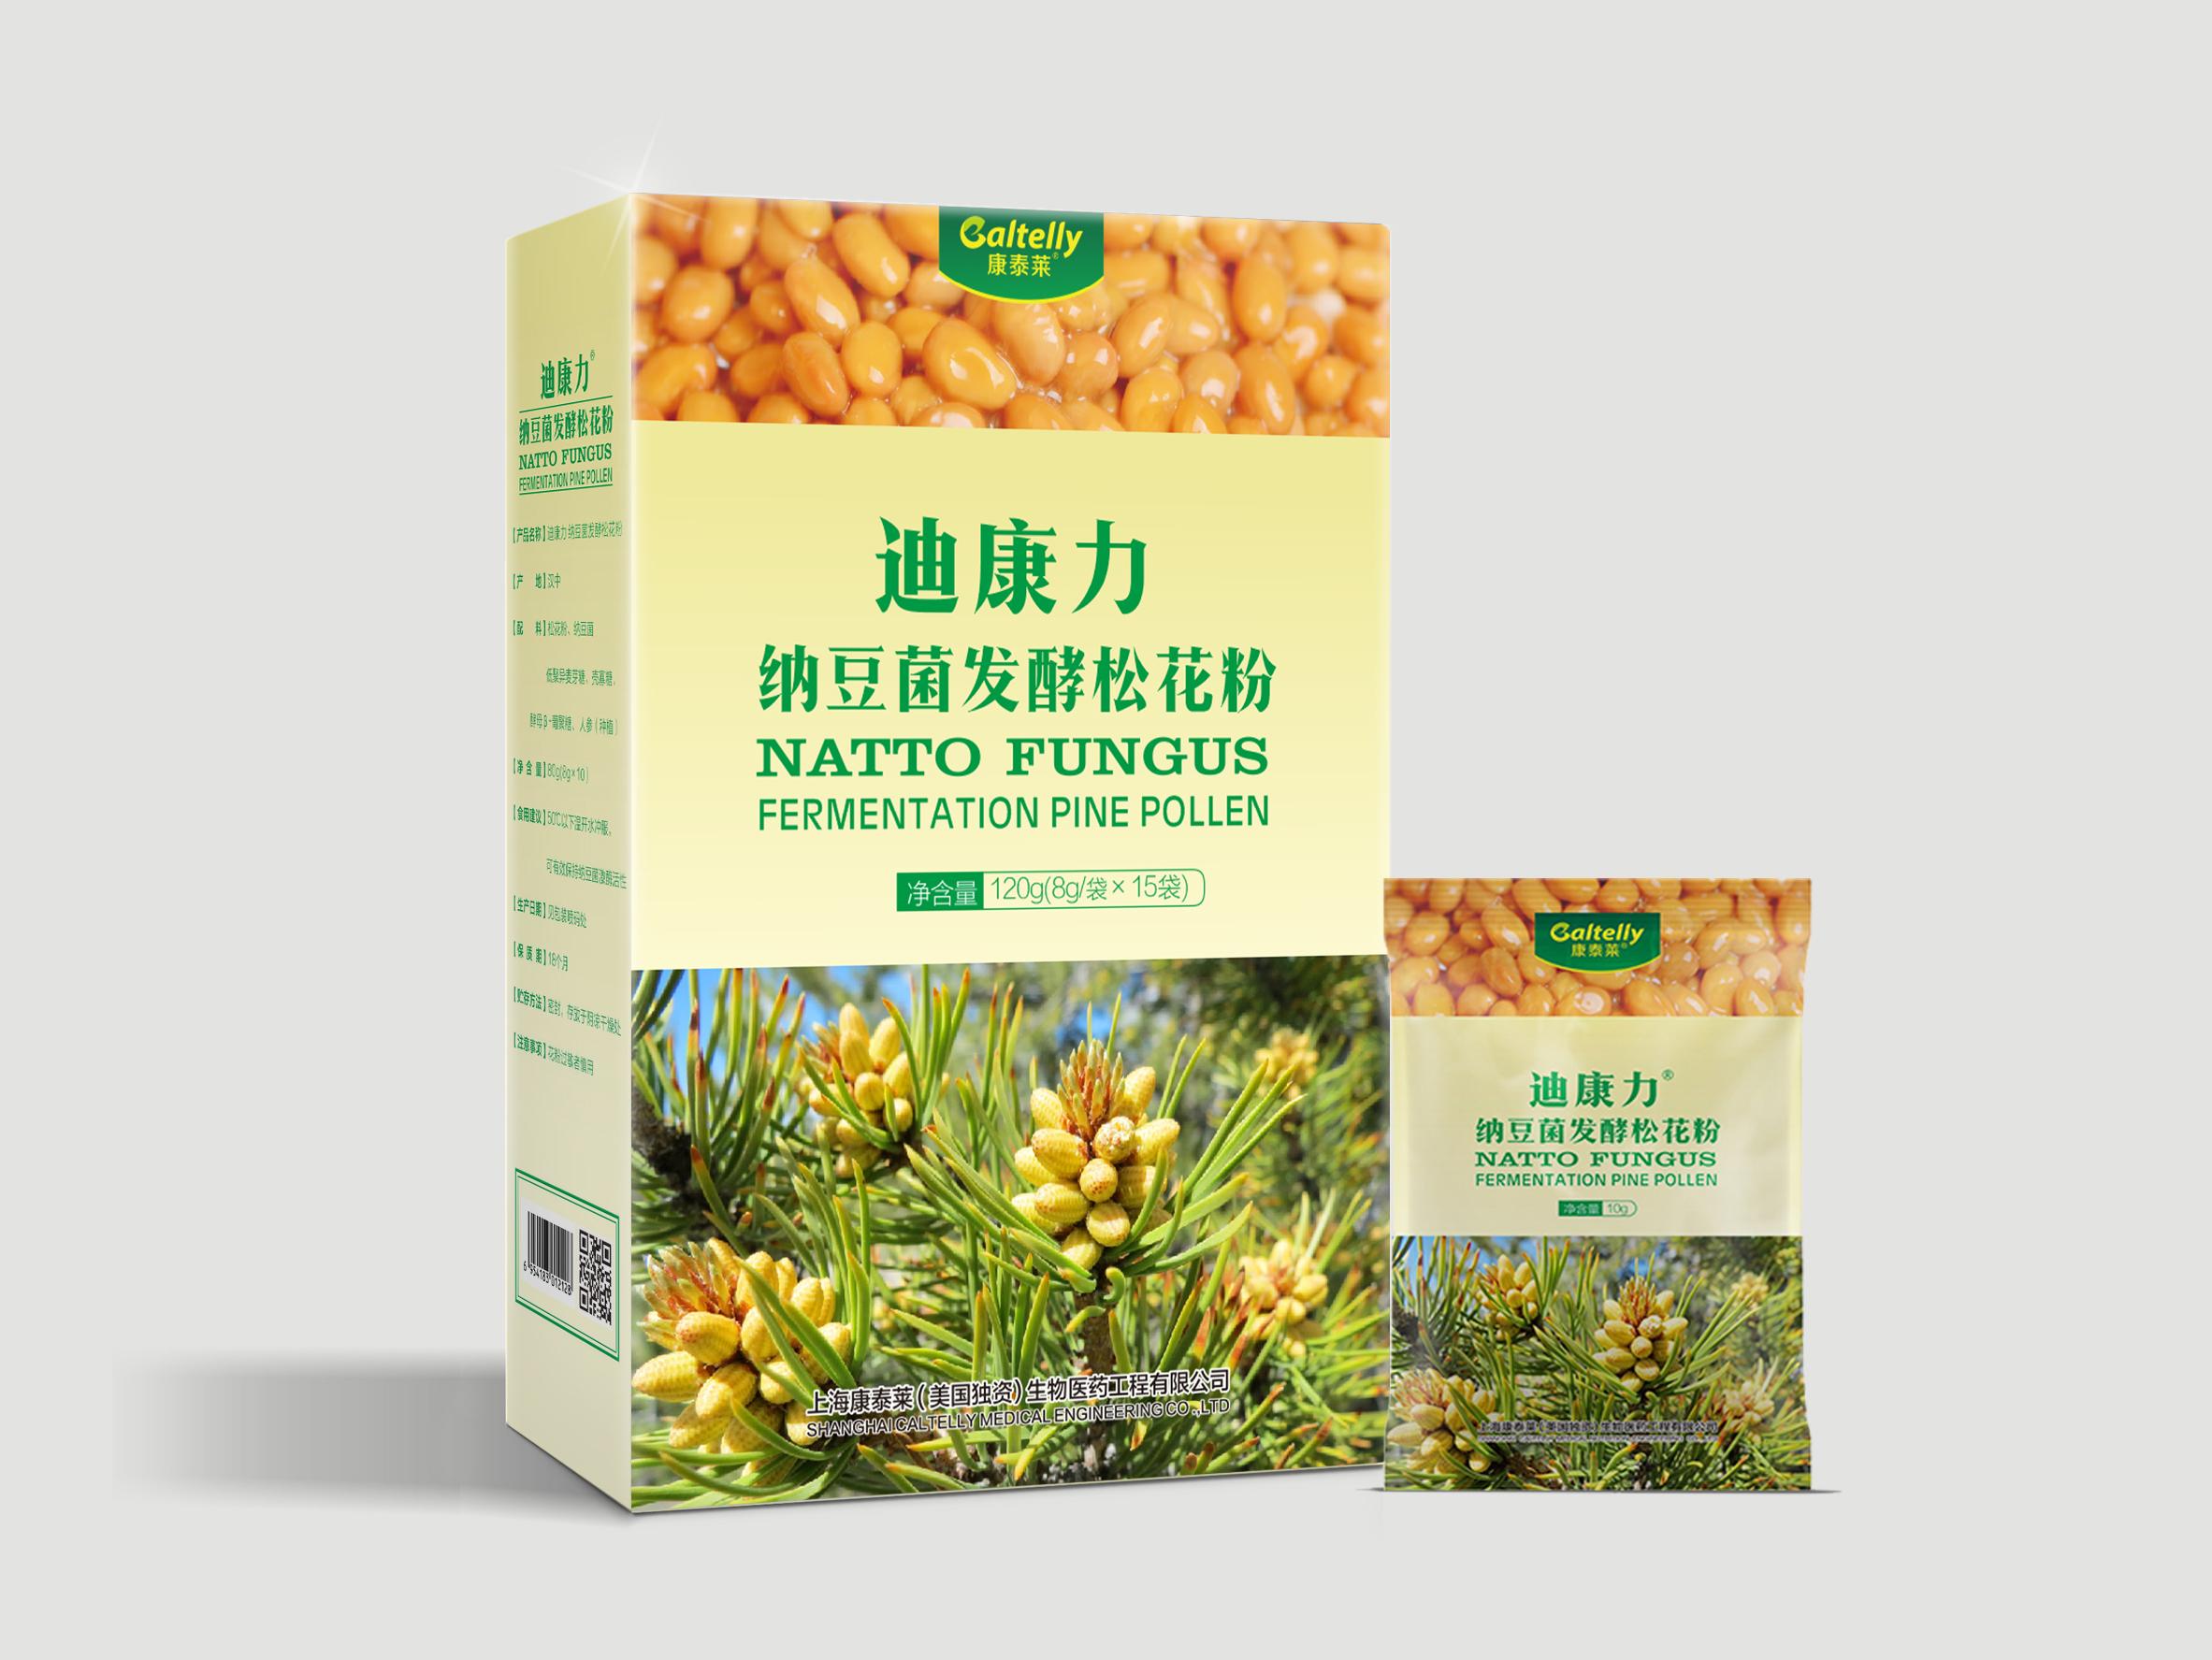 迪康力 · 纳豆菌发酵松花粉